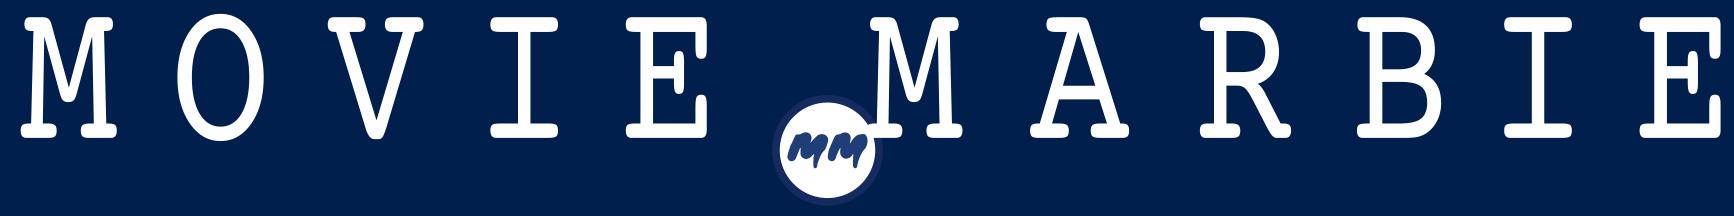 MOVIE MARBIE|映画バズ 〜映画のネタで一日をハッピーにしちゃうメディア〜